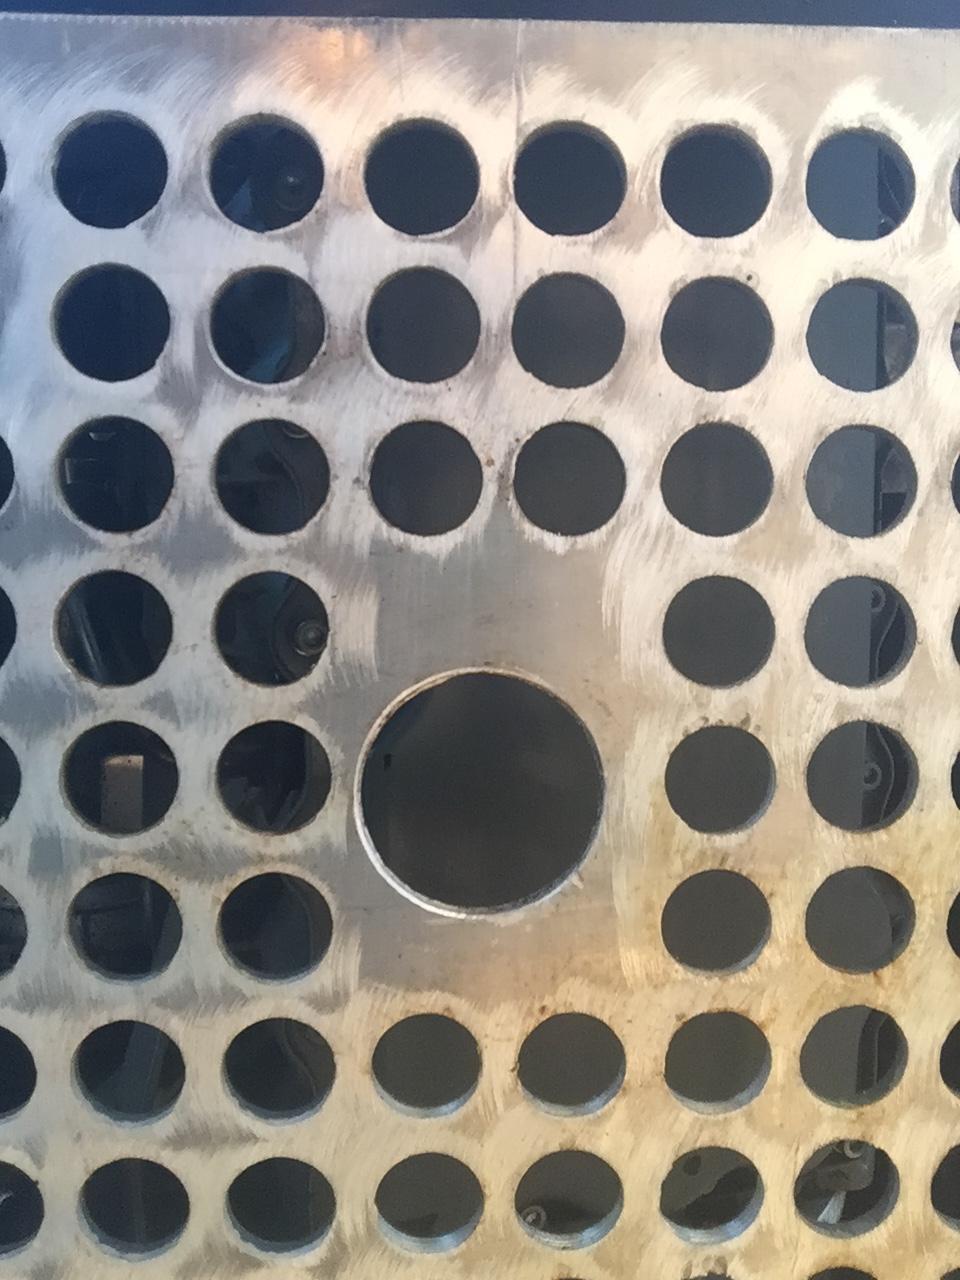 Oil cooler/skid plate